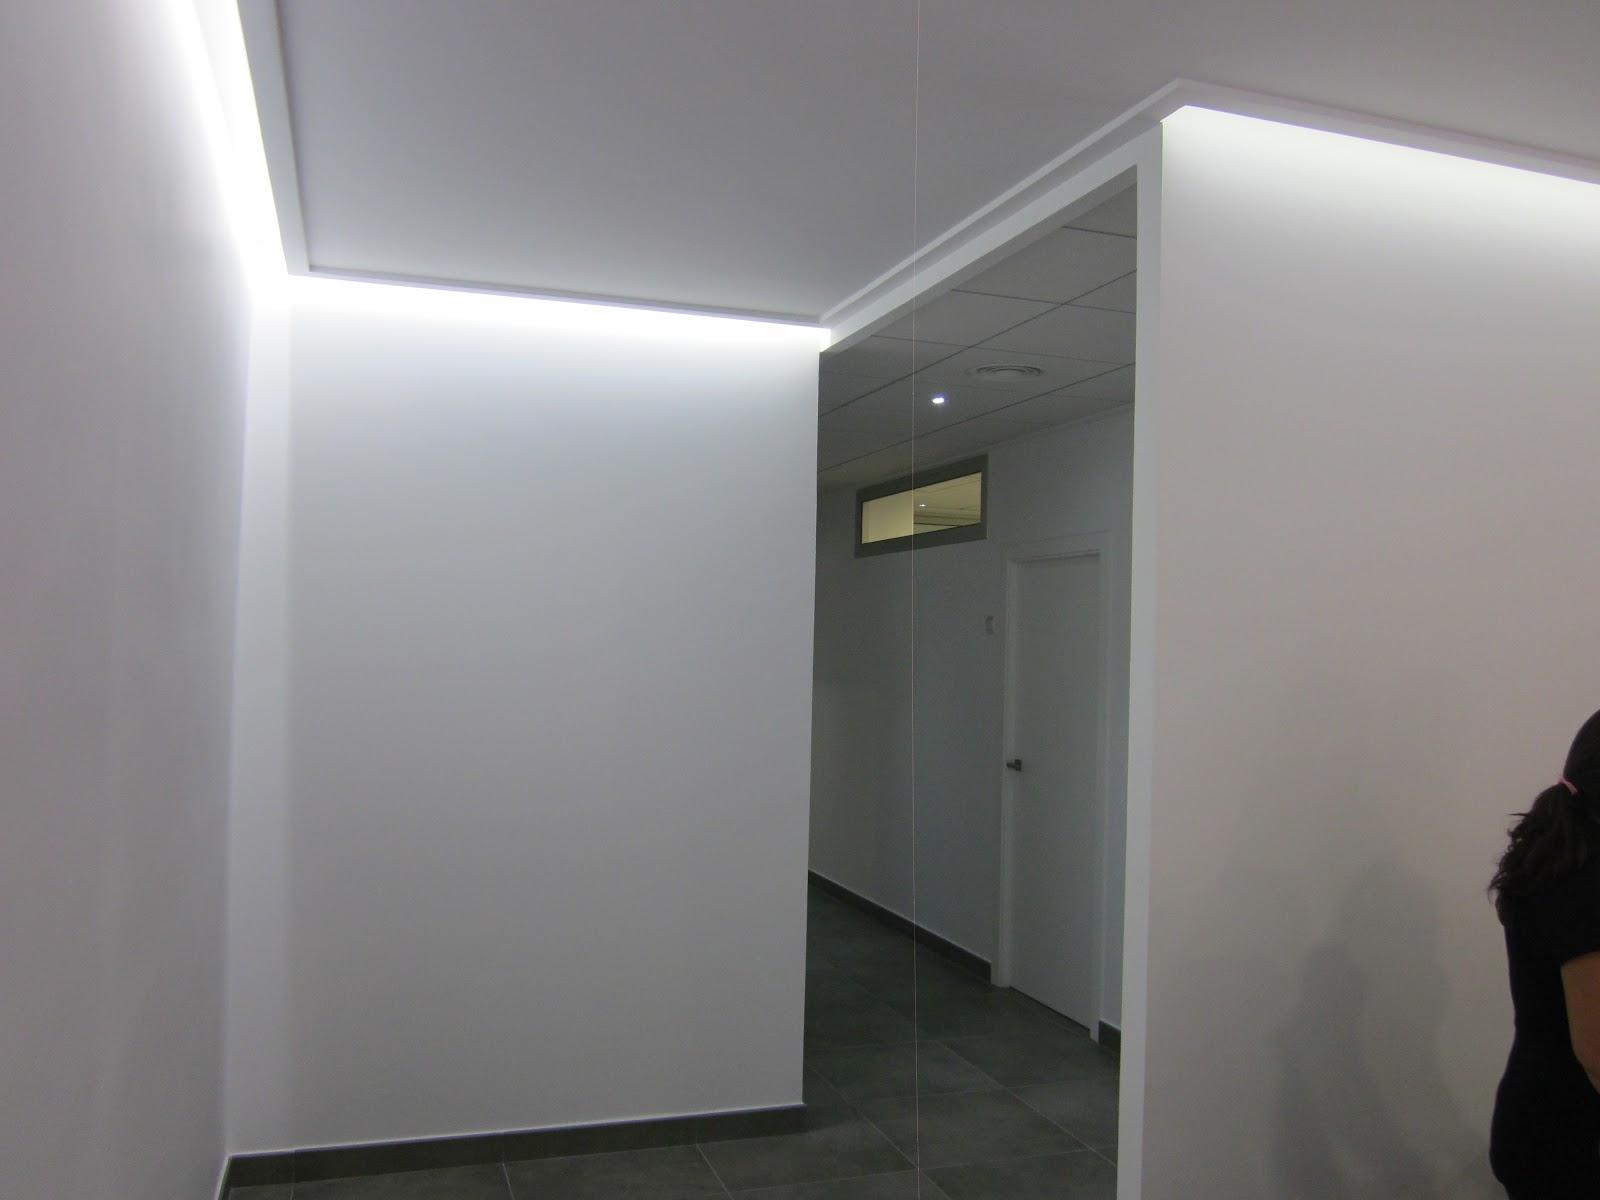 Habitania construcciones y reformas iluminaci n - Iluminacion de pared ...